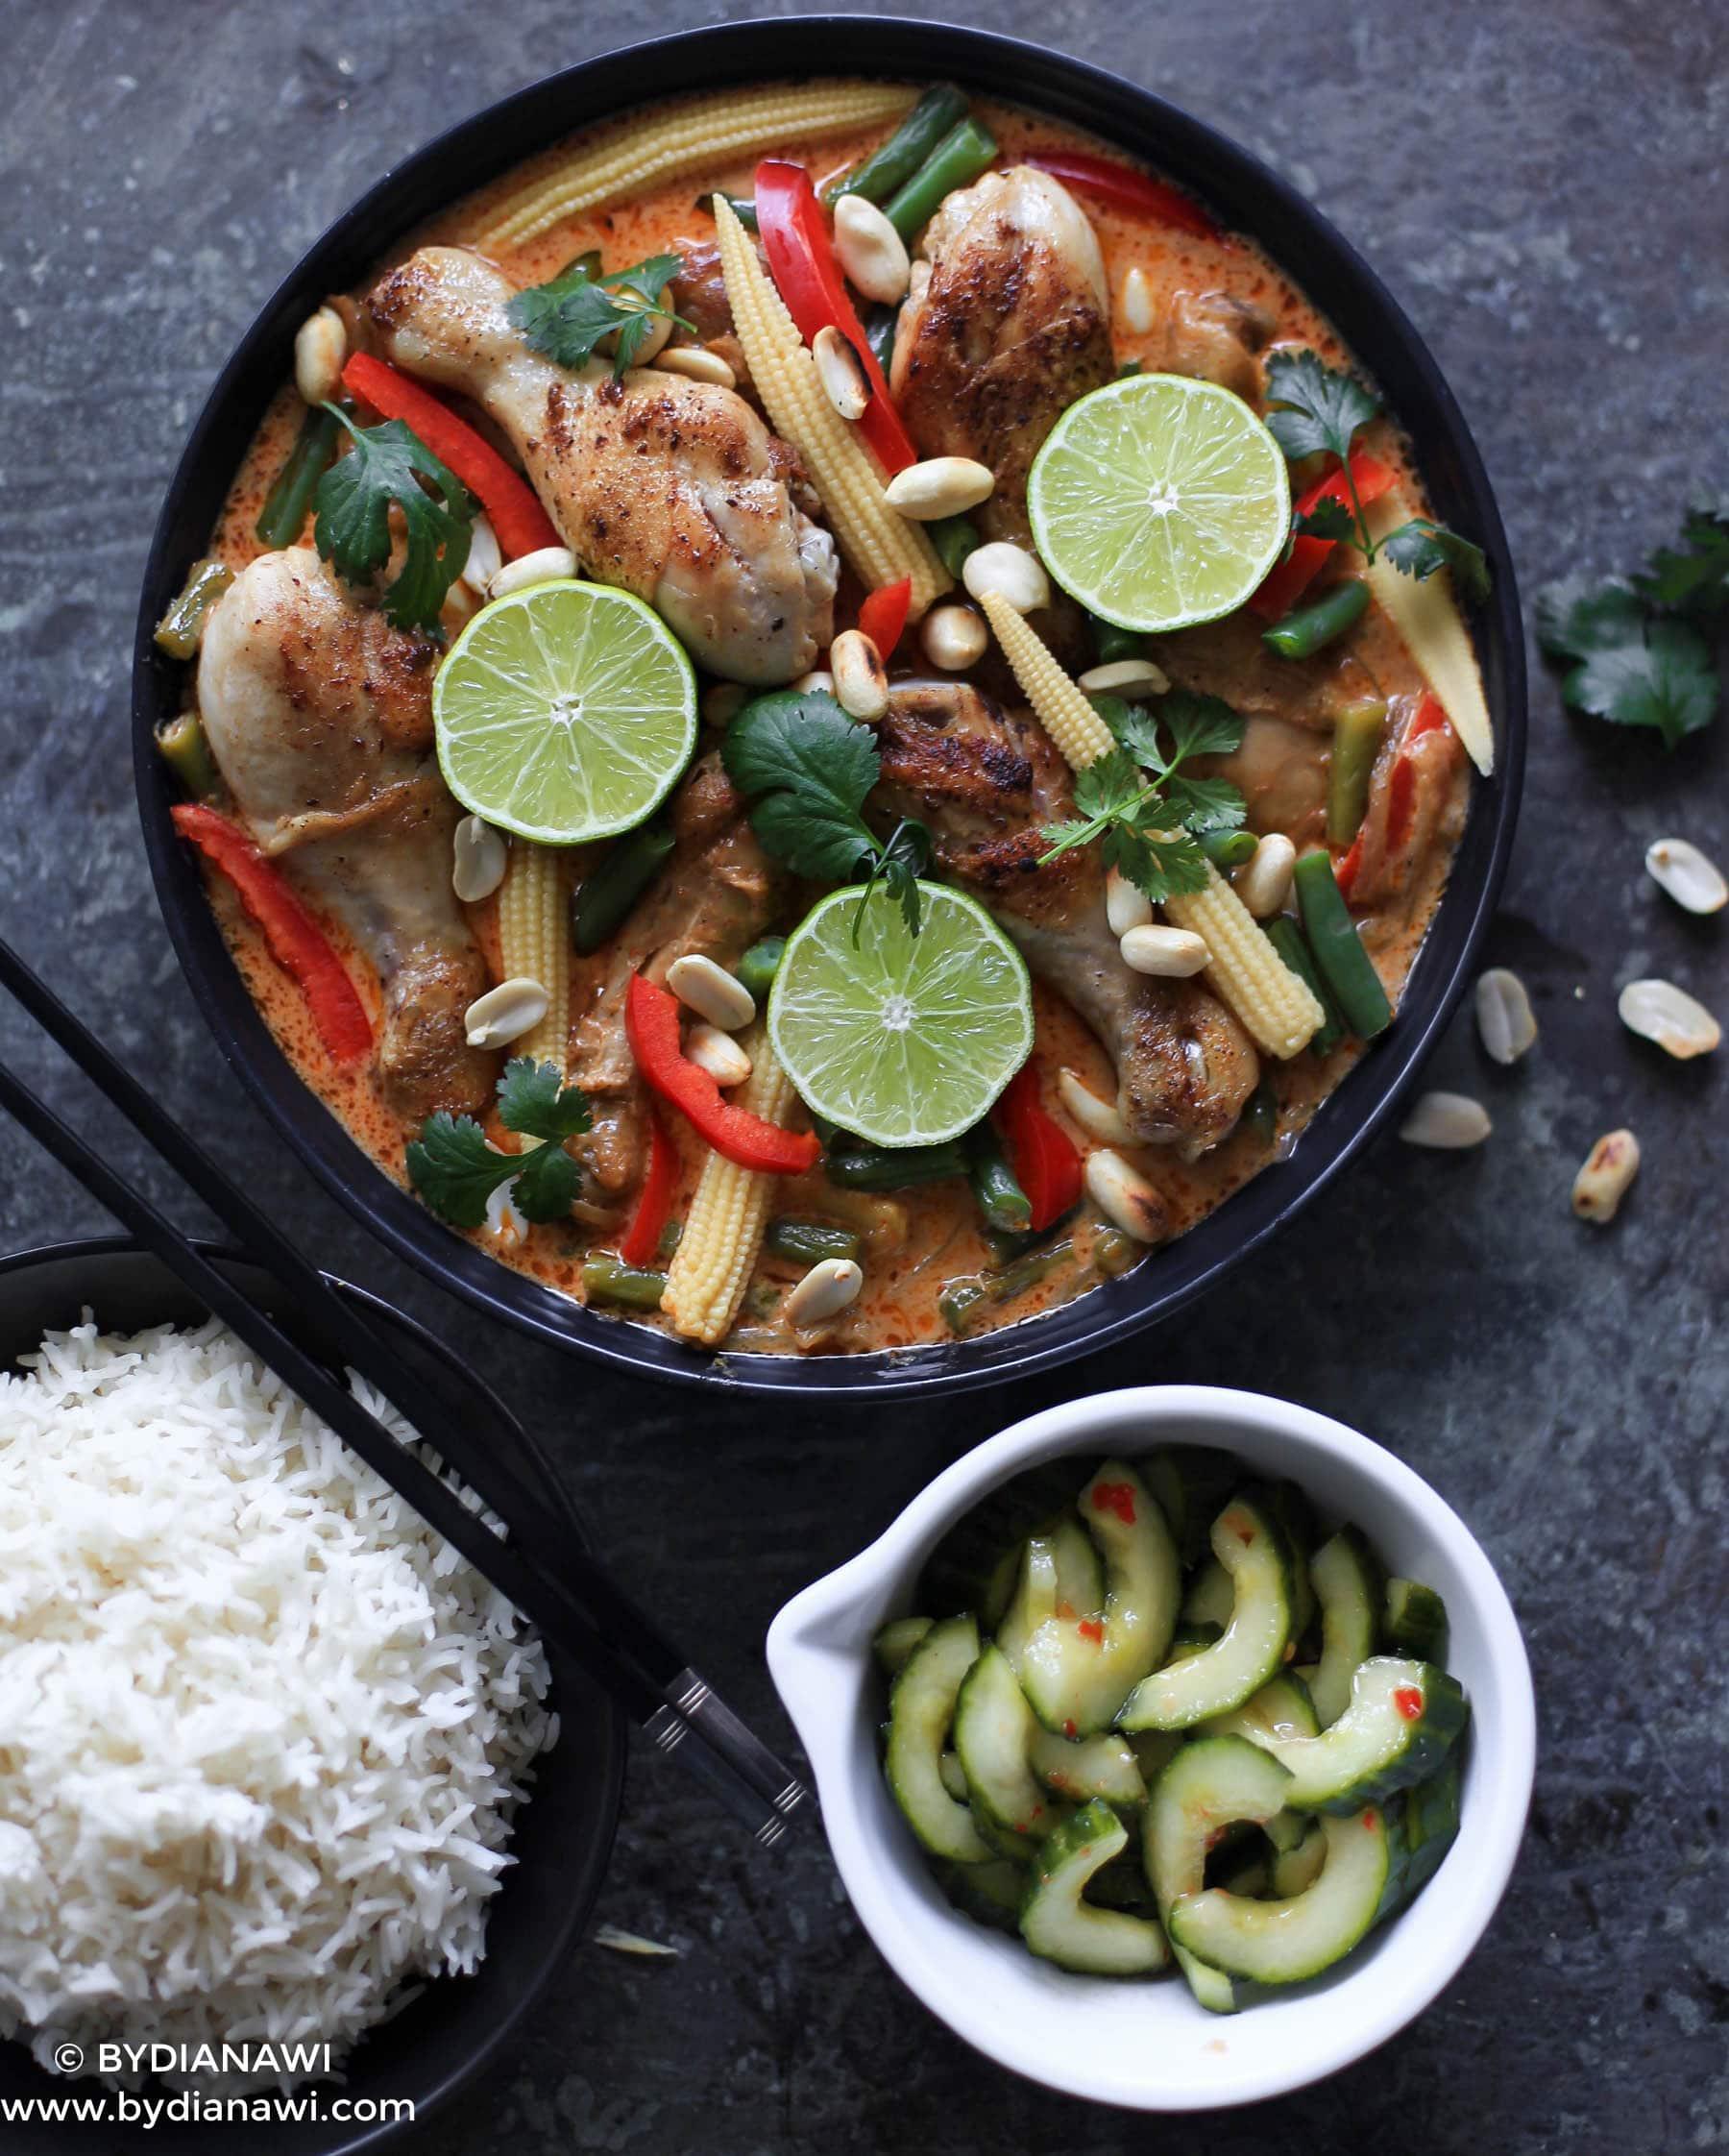 rød karry kylling, syltet thai agurkesalat